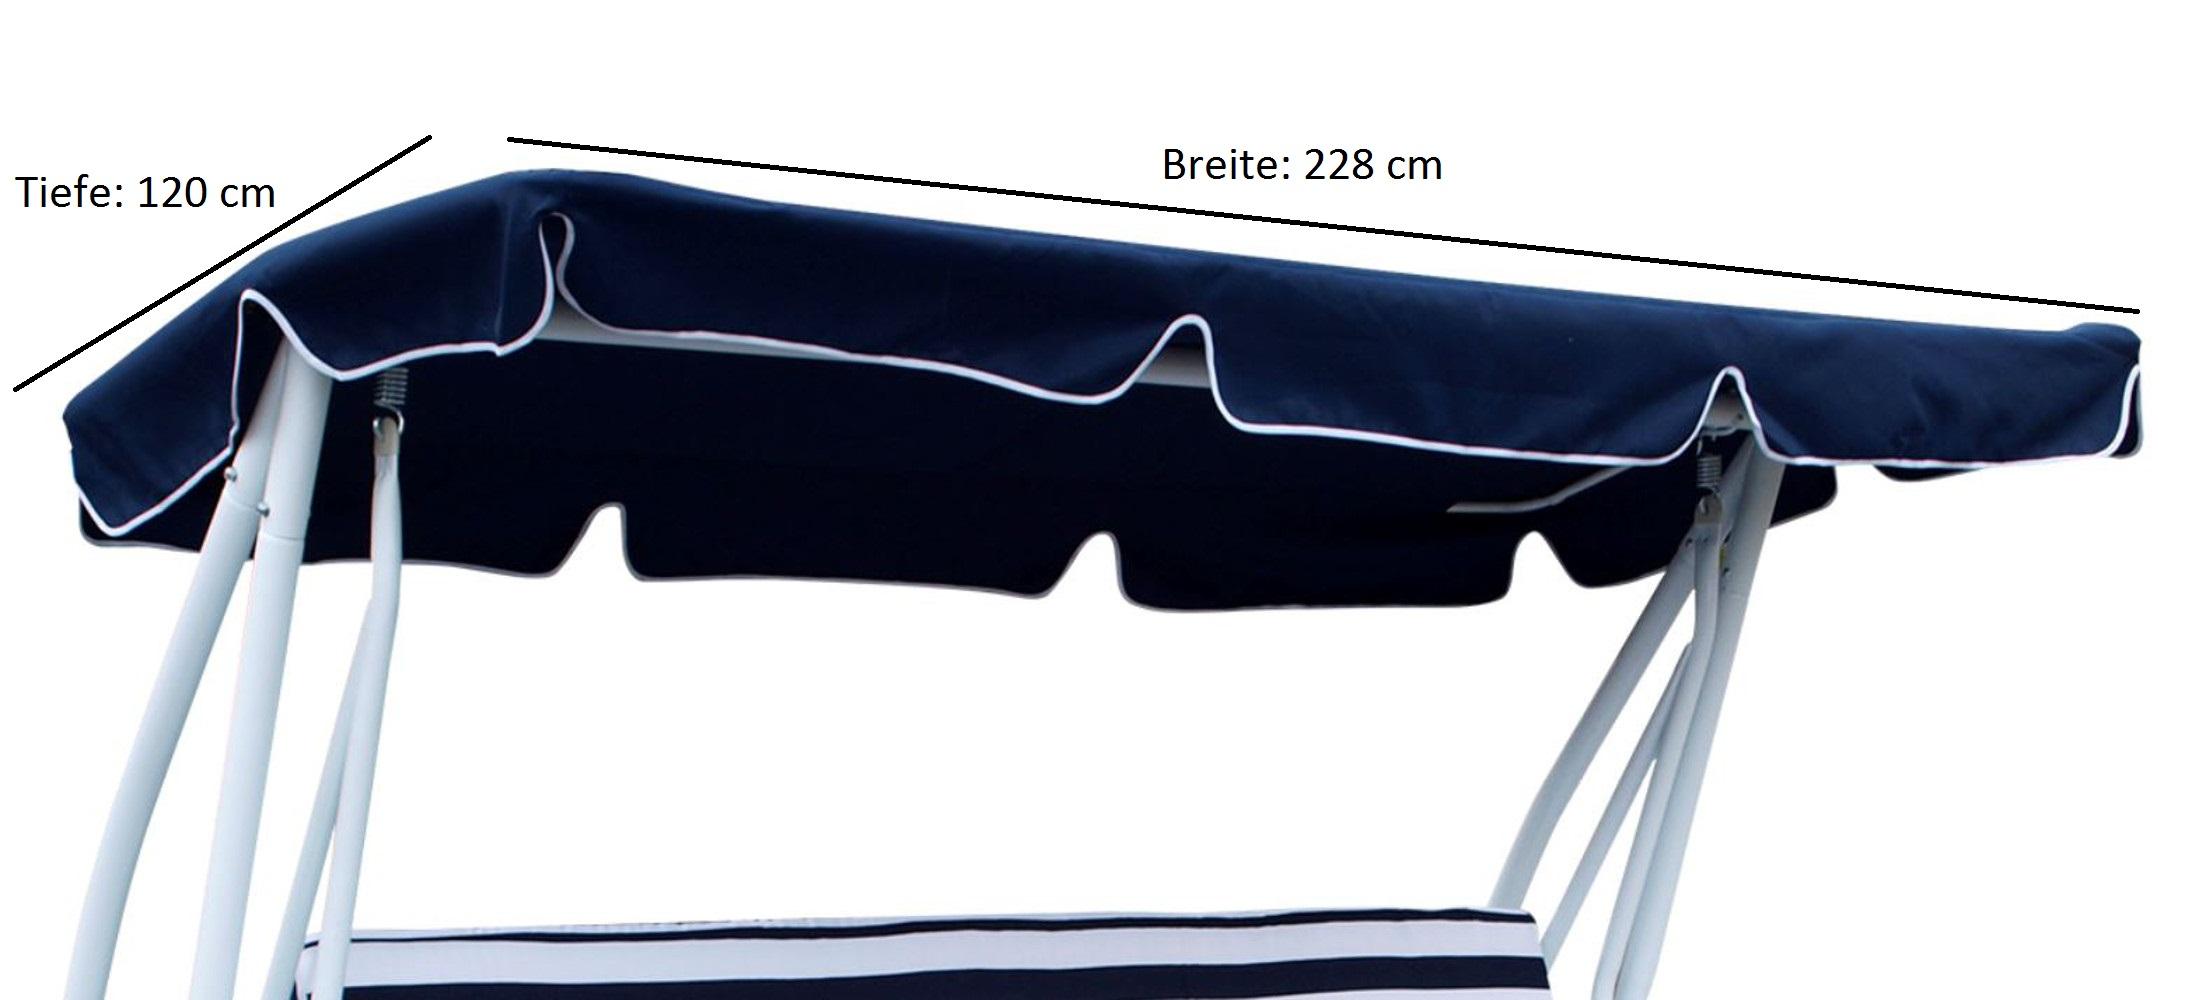 Dachplane für Hollywoodschauk MIAMI 228x120cm, dunkelblau